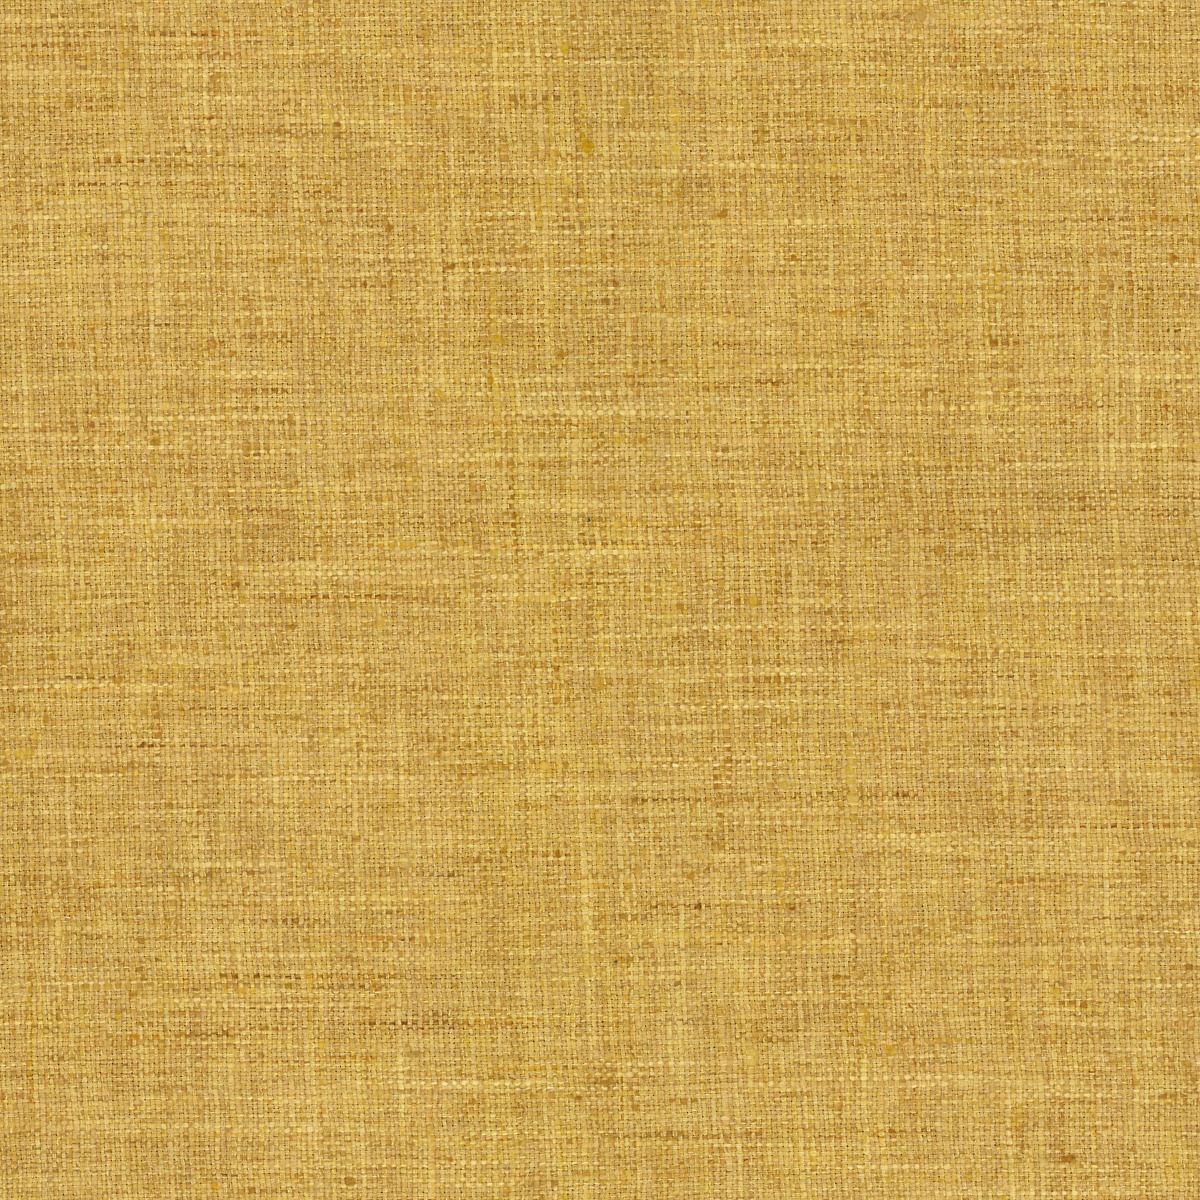 Greylock Gold Indoor/Outdoor Fabric